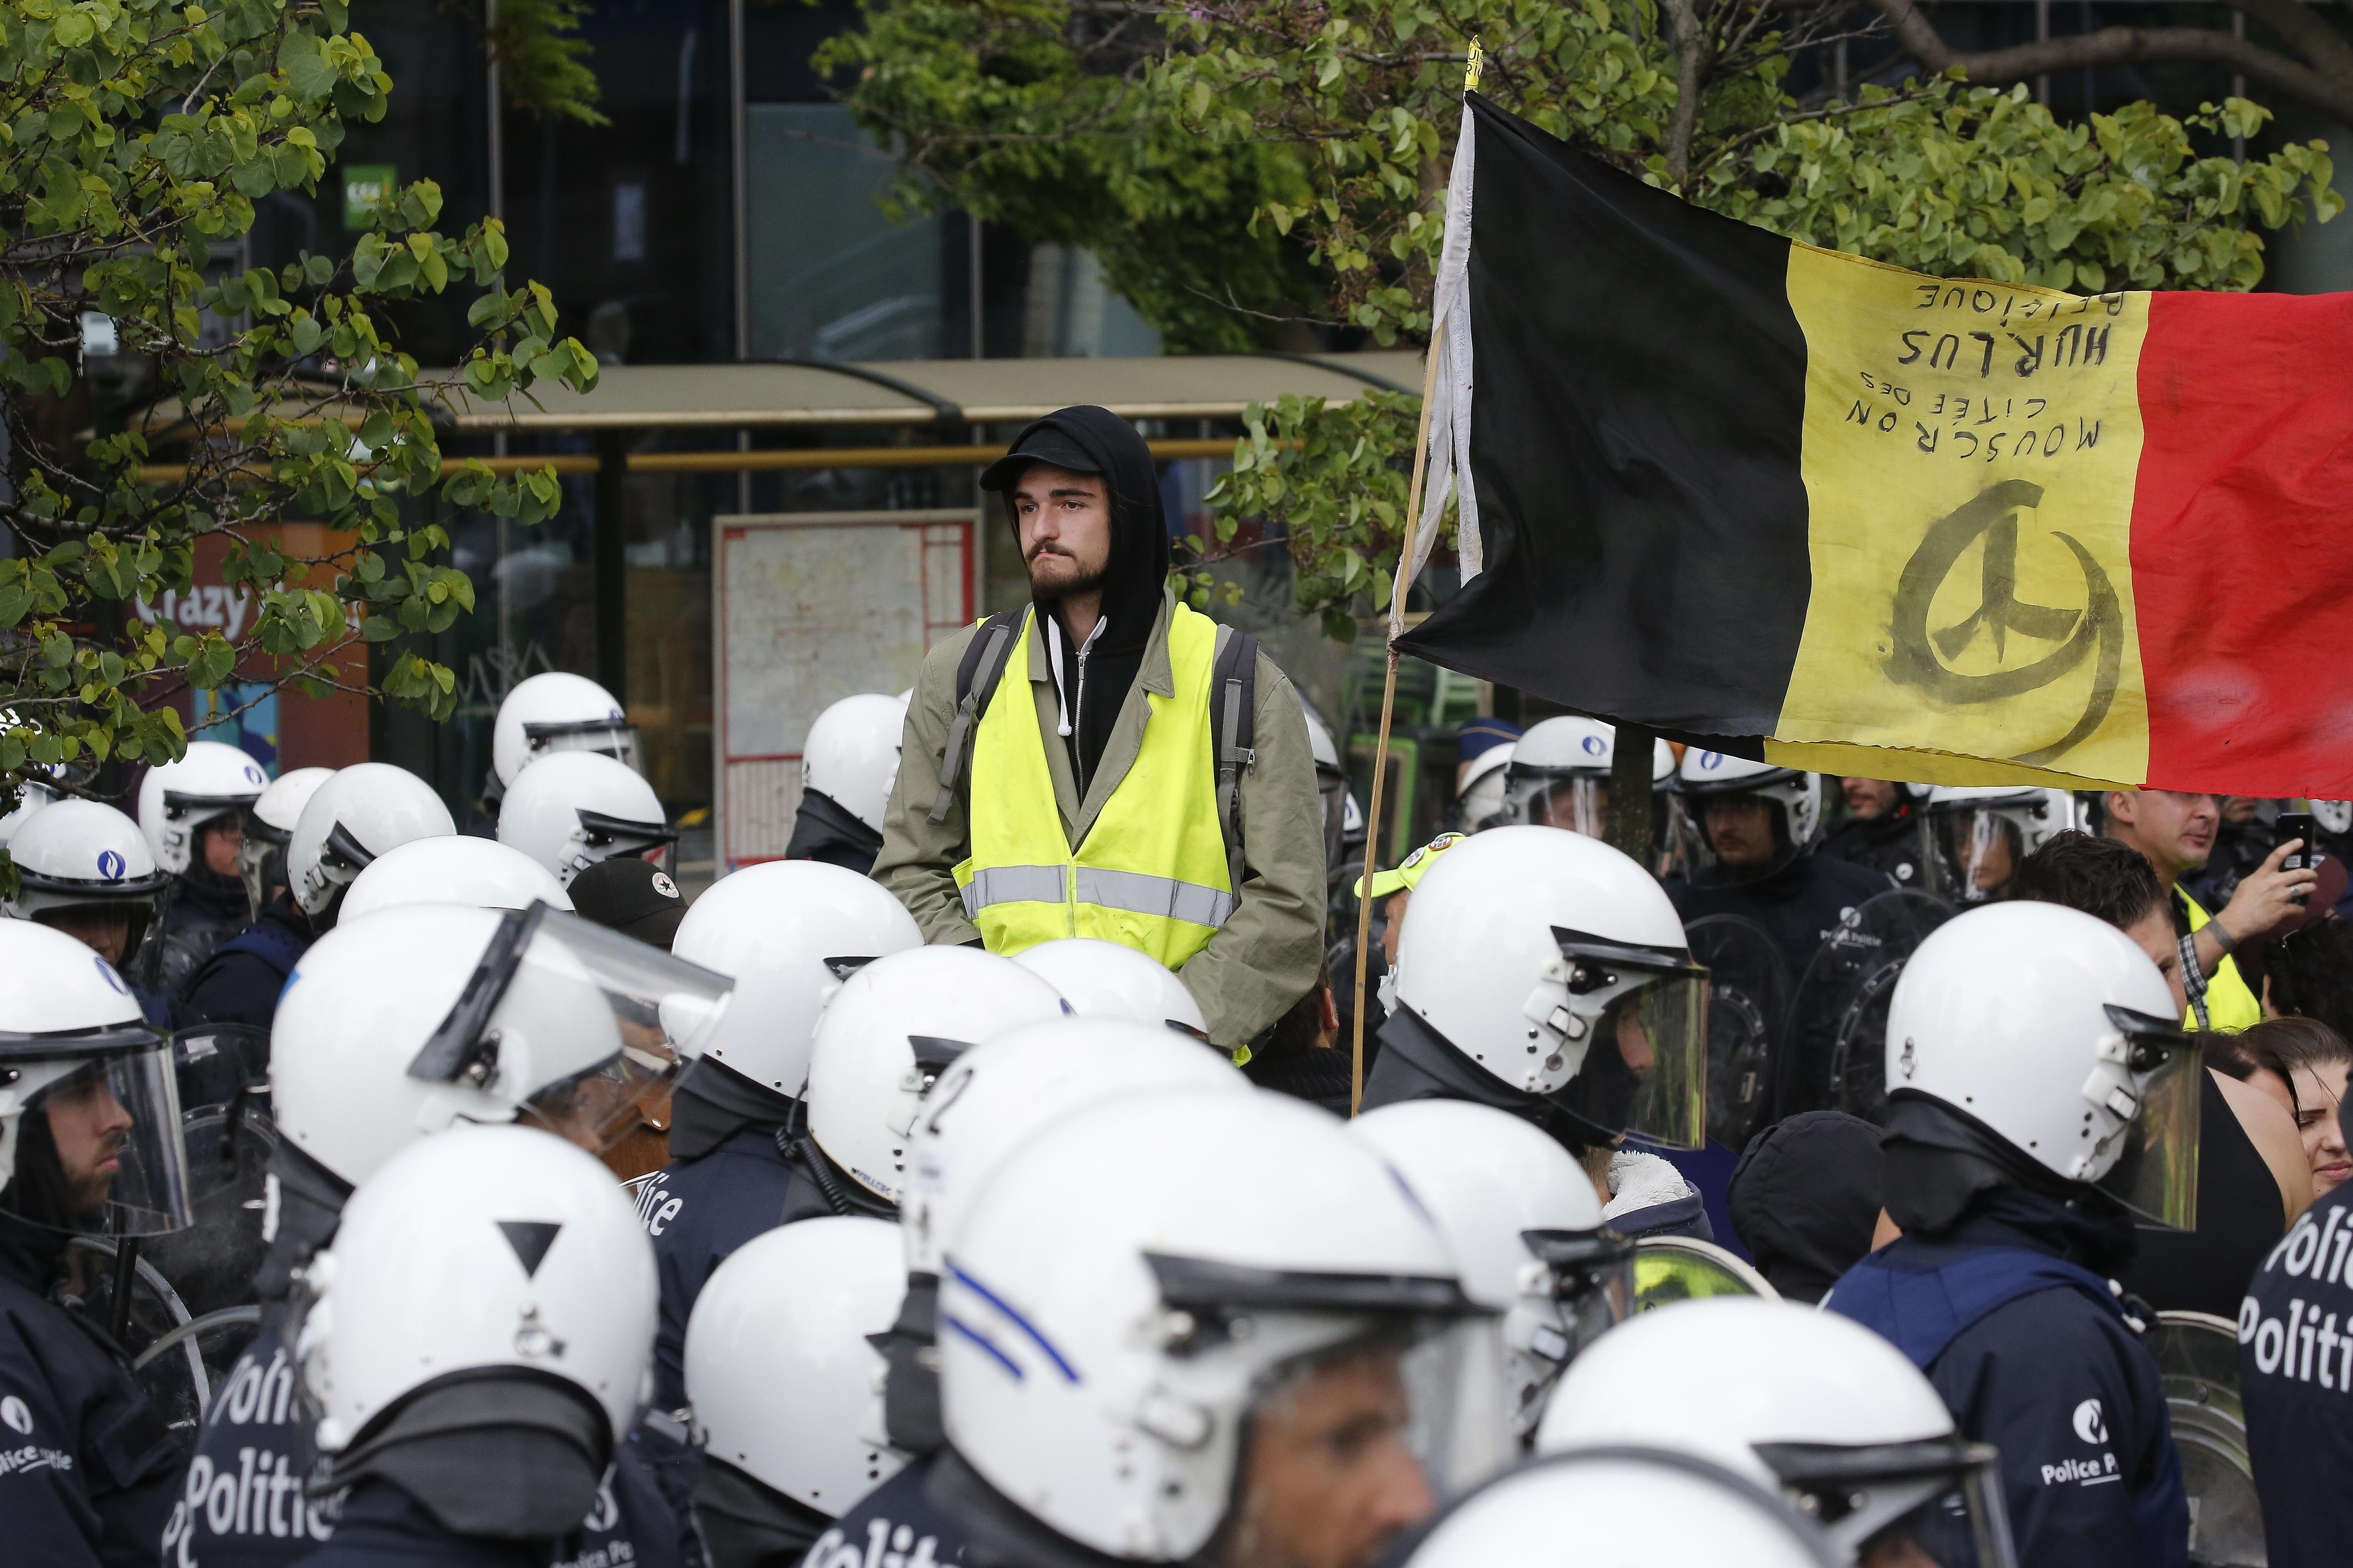 Centenas de 'coletes amarelos' manifestam-se em Bruxelas e causam estragos